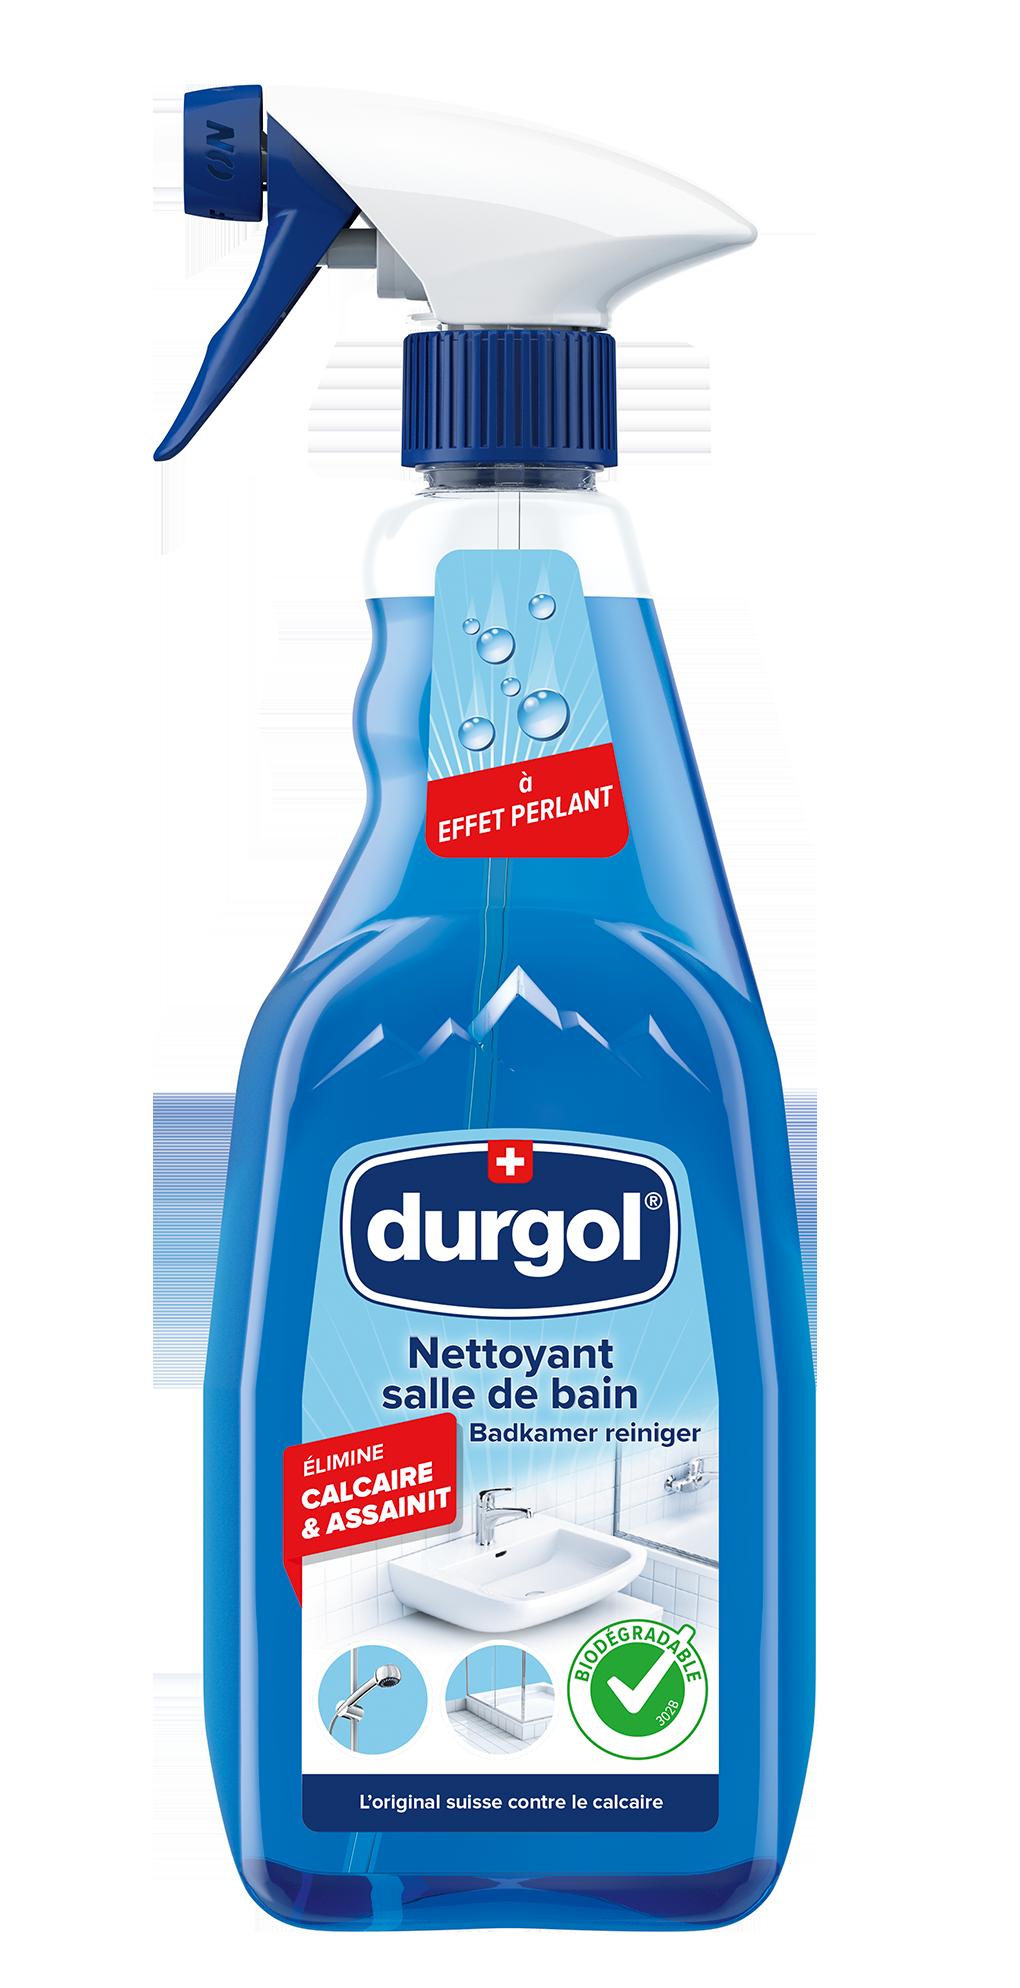 Sprayfles durgol badkamer-reiniger